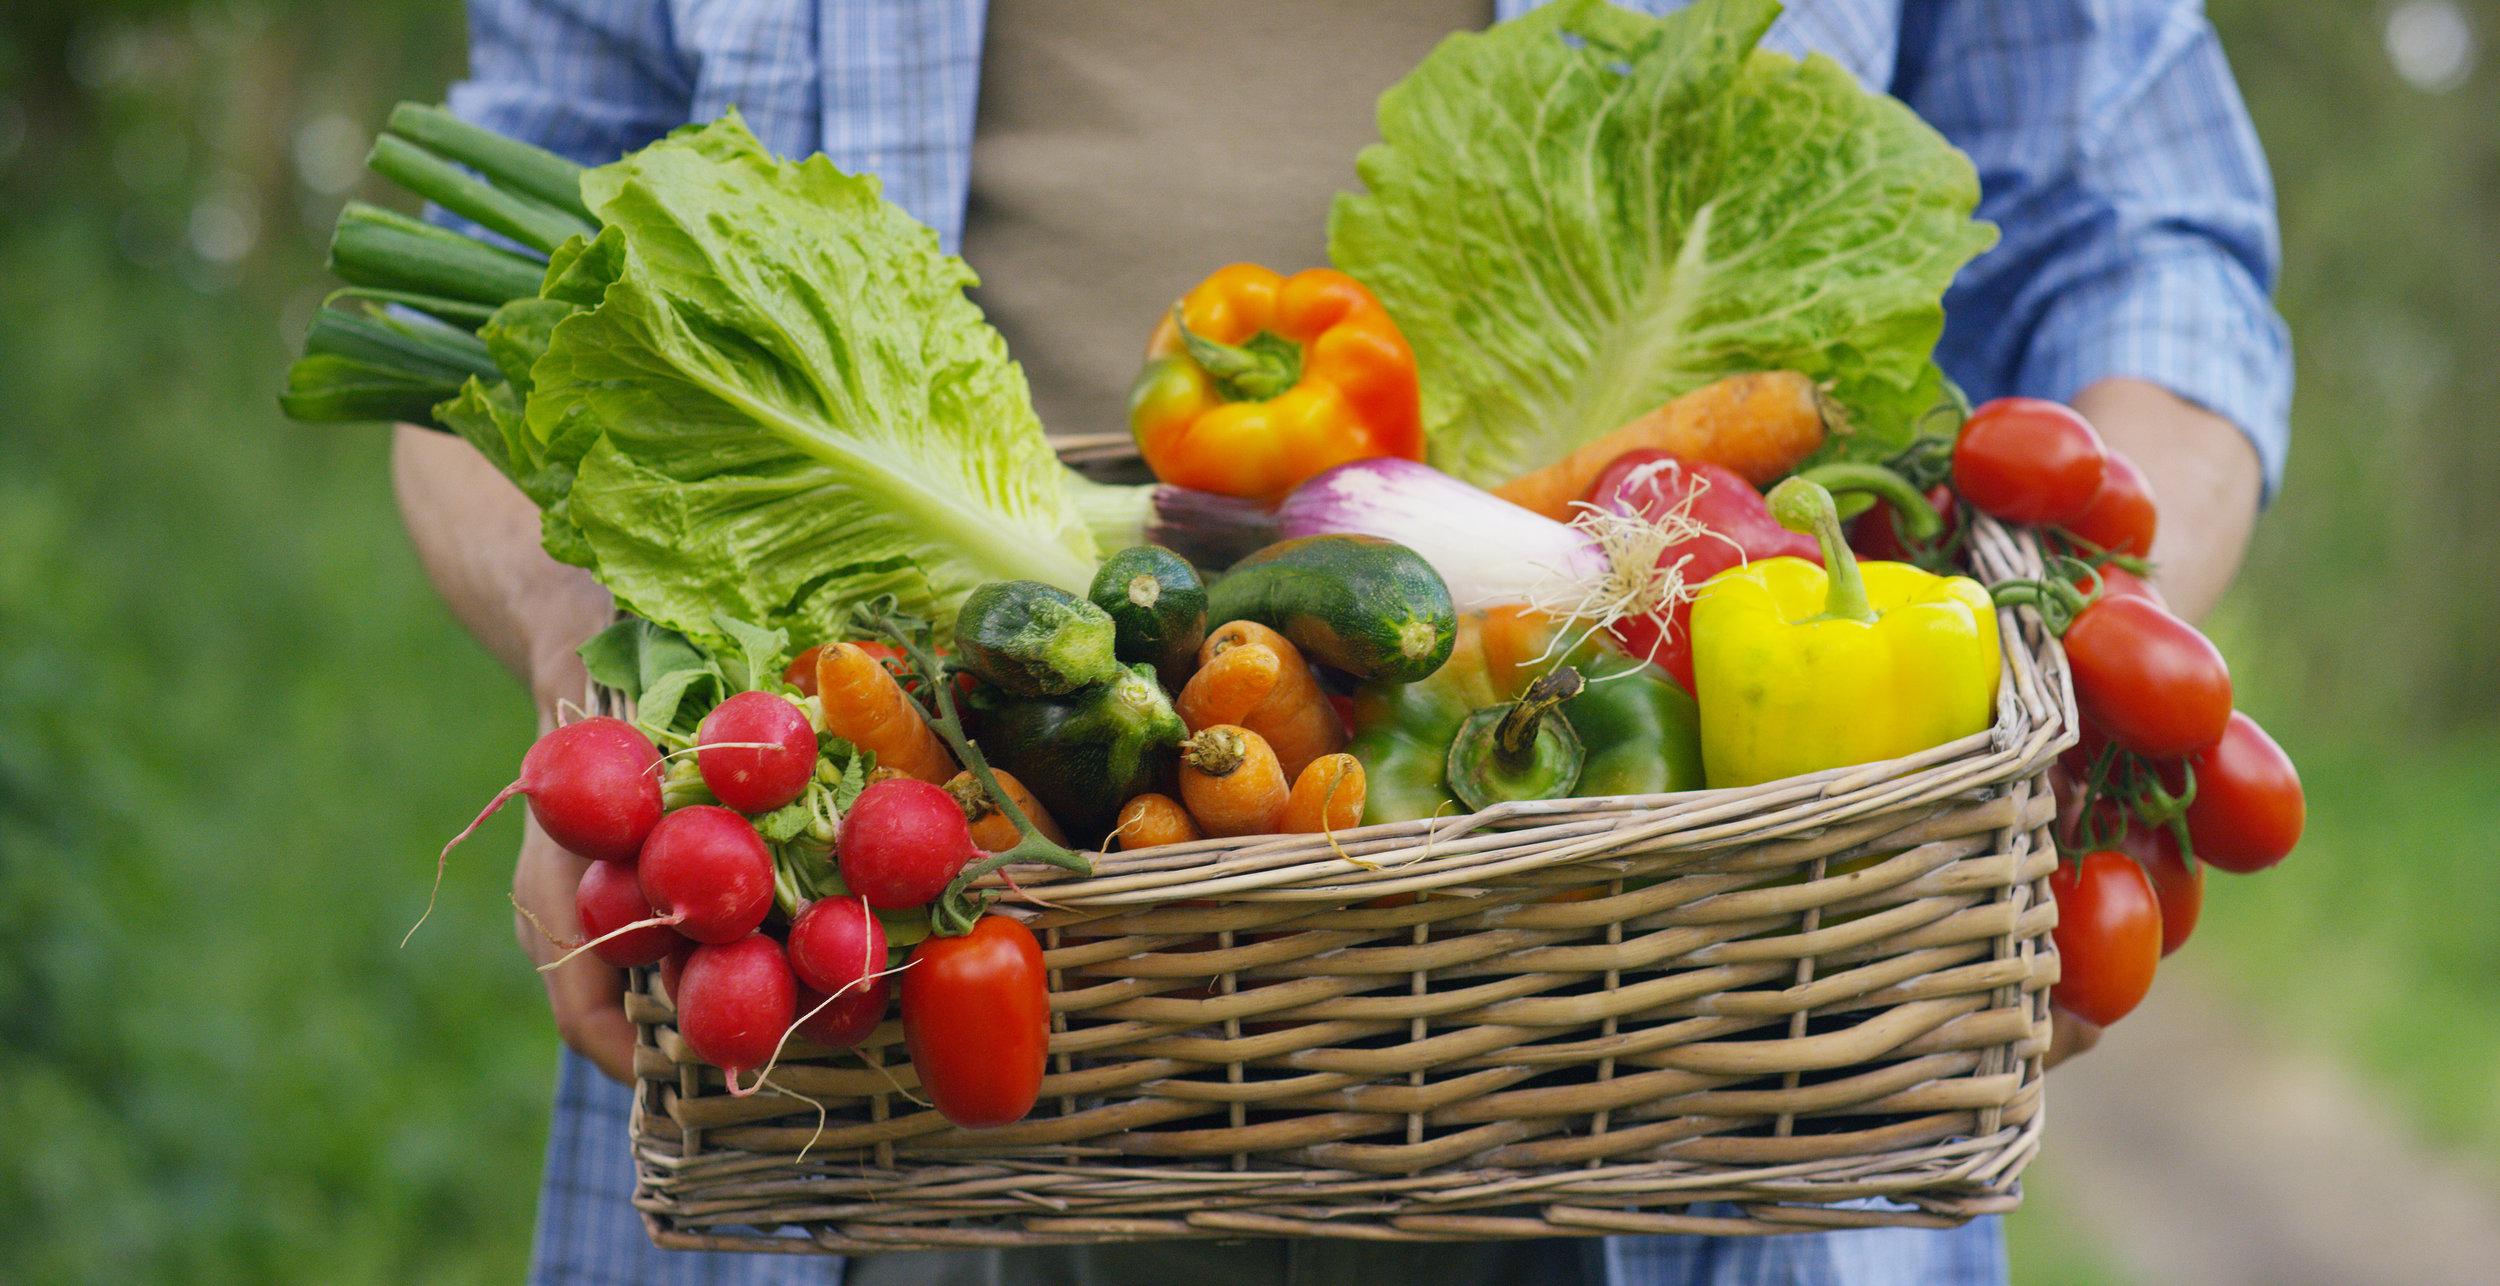 Gracie Diet Food basket.jpeg